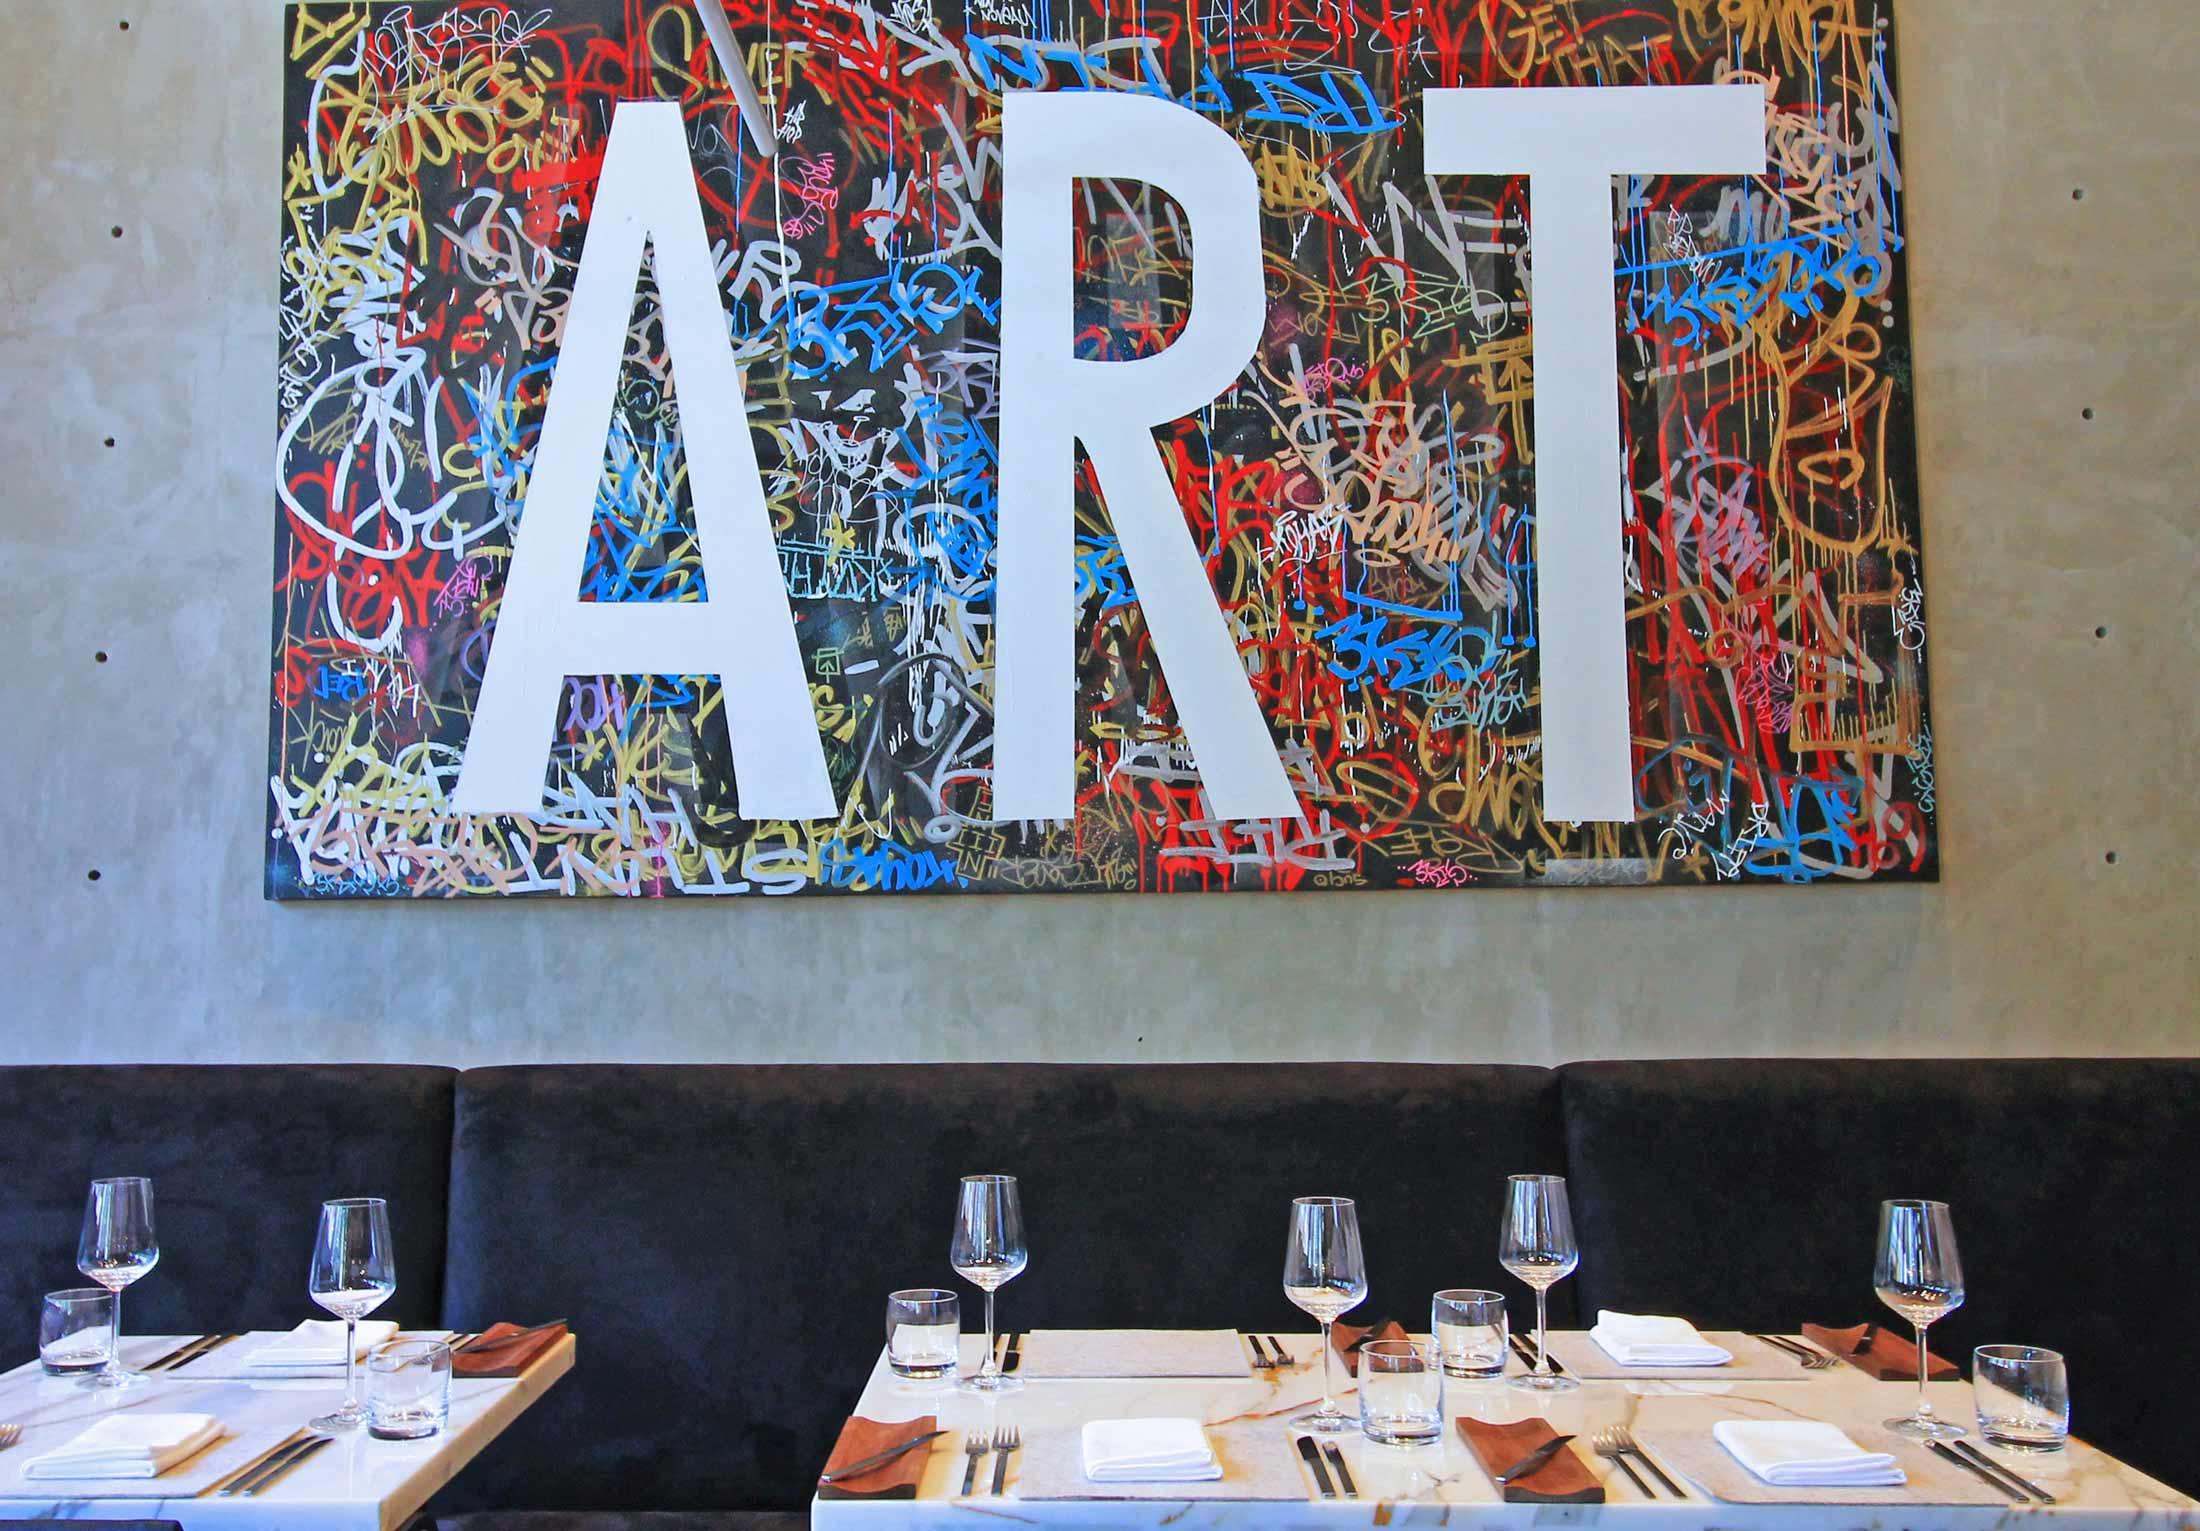 Bauhaus Restaurant - Focal Journey (by Gustavo Espinola)